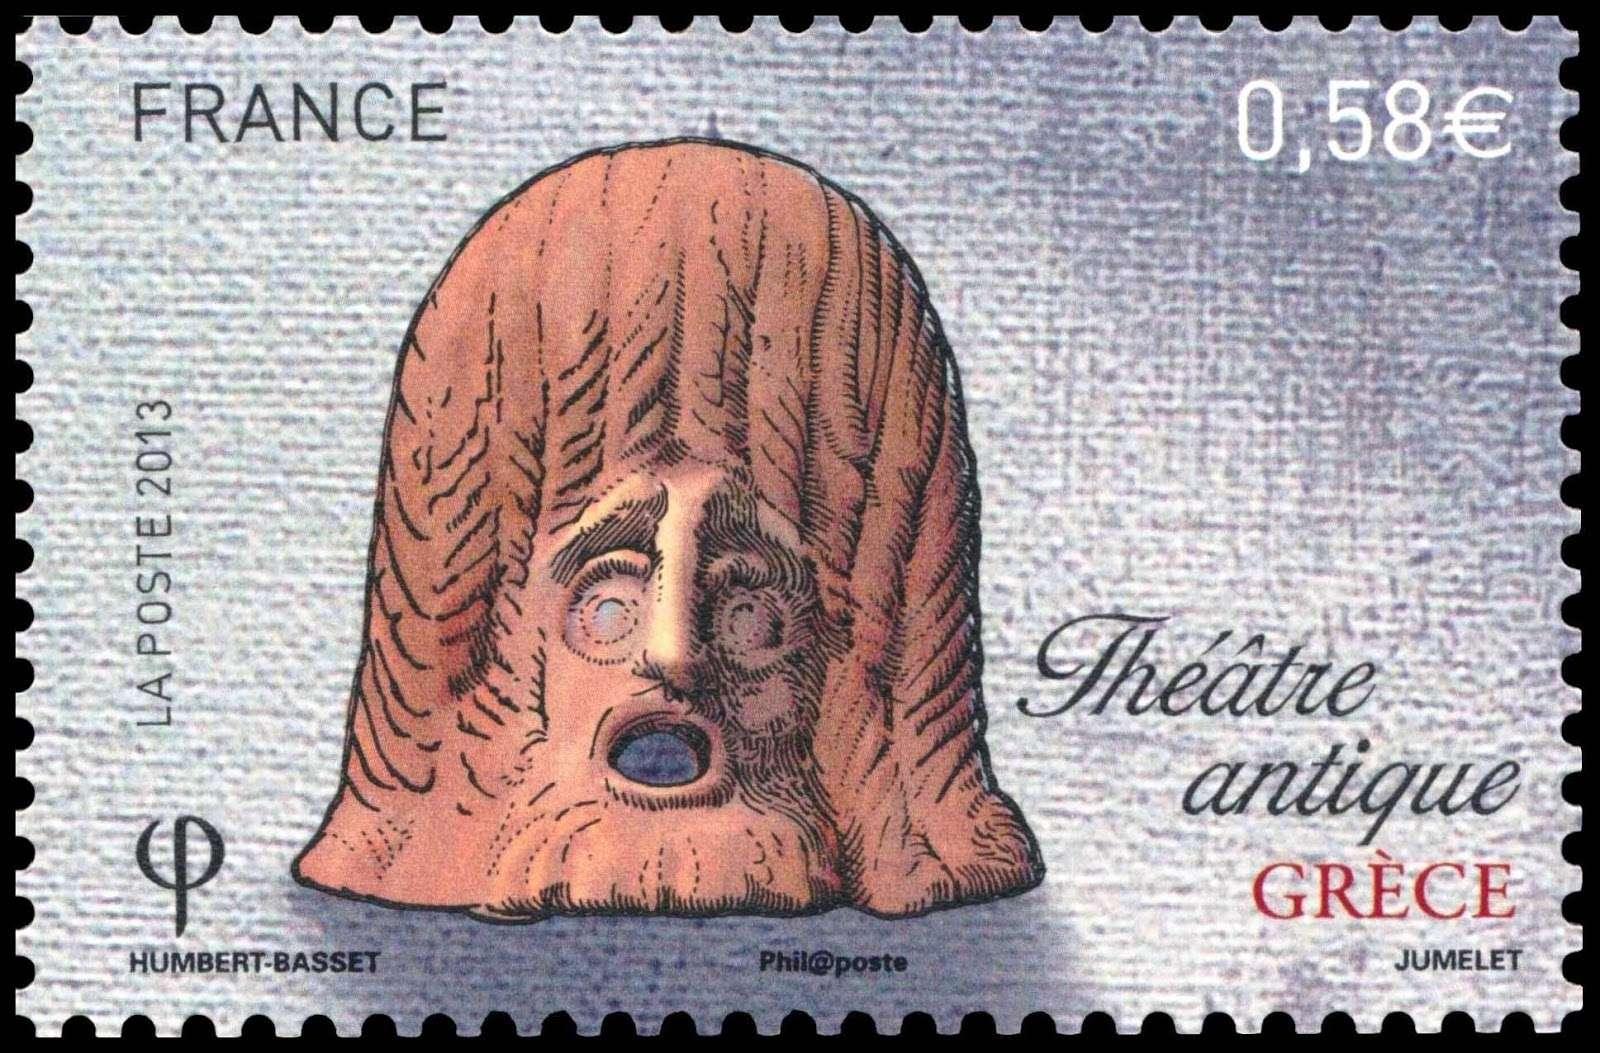 Γαλλικό γραμματόσημο. 2013 Théâtre antique Grèce FRANCE